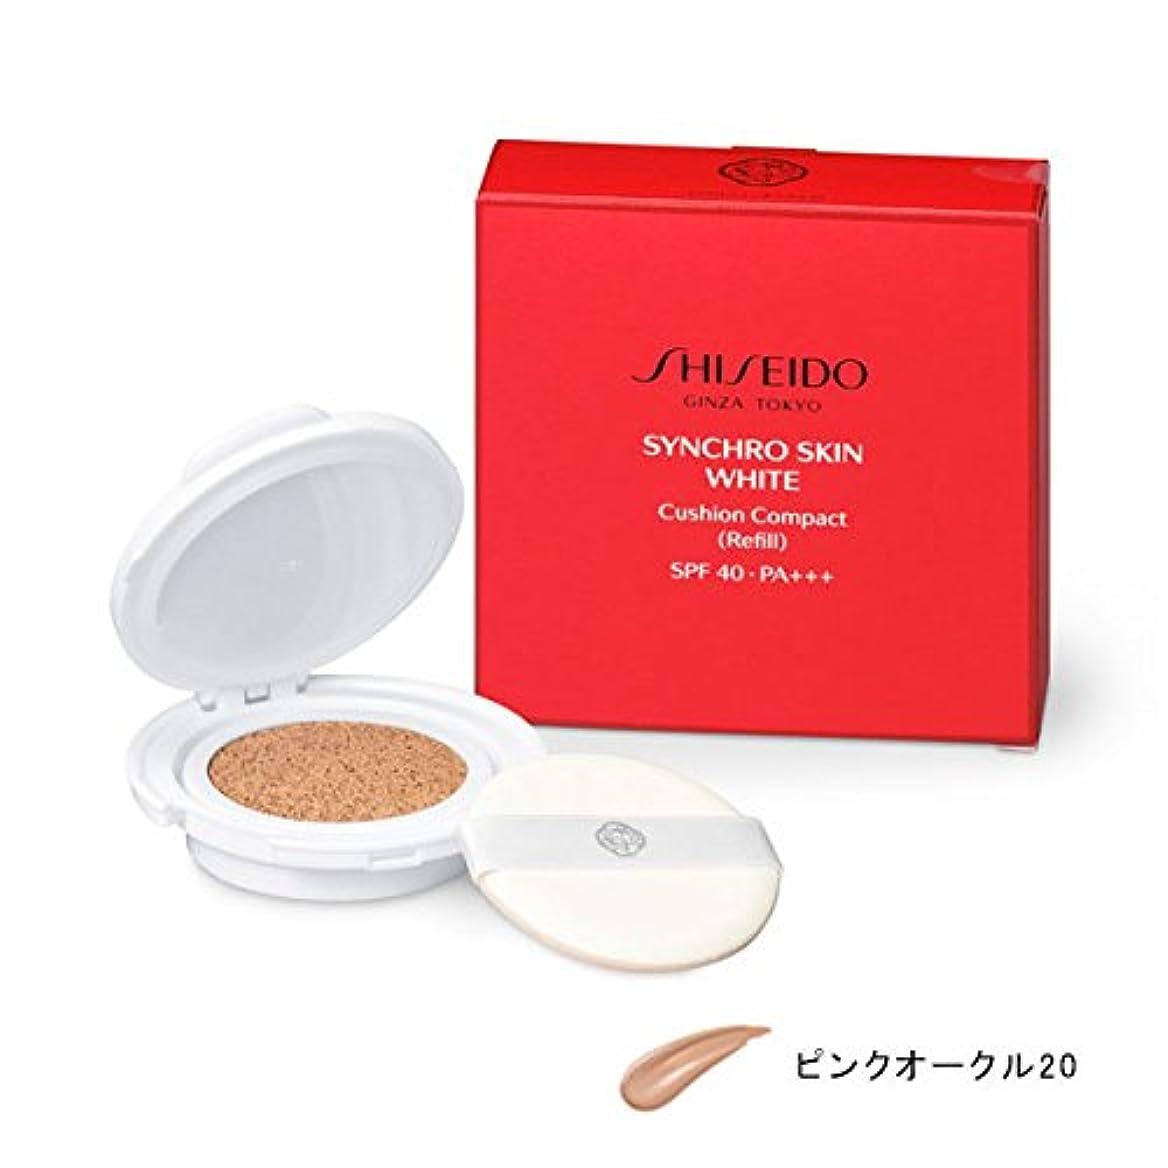 不屈クライアント信じるSHISEIDO Makeup(資生堂 メーキャップ) SHISEIDO(資生堂) シンクロスキン ホワイト クッションコンパクト WT レフィル(医薬部外品) (オークル20)